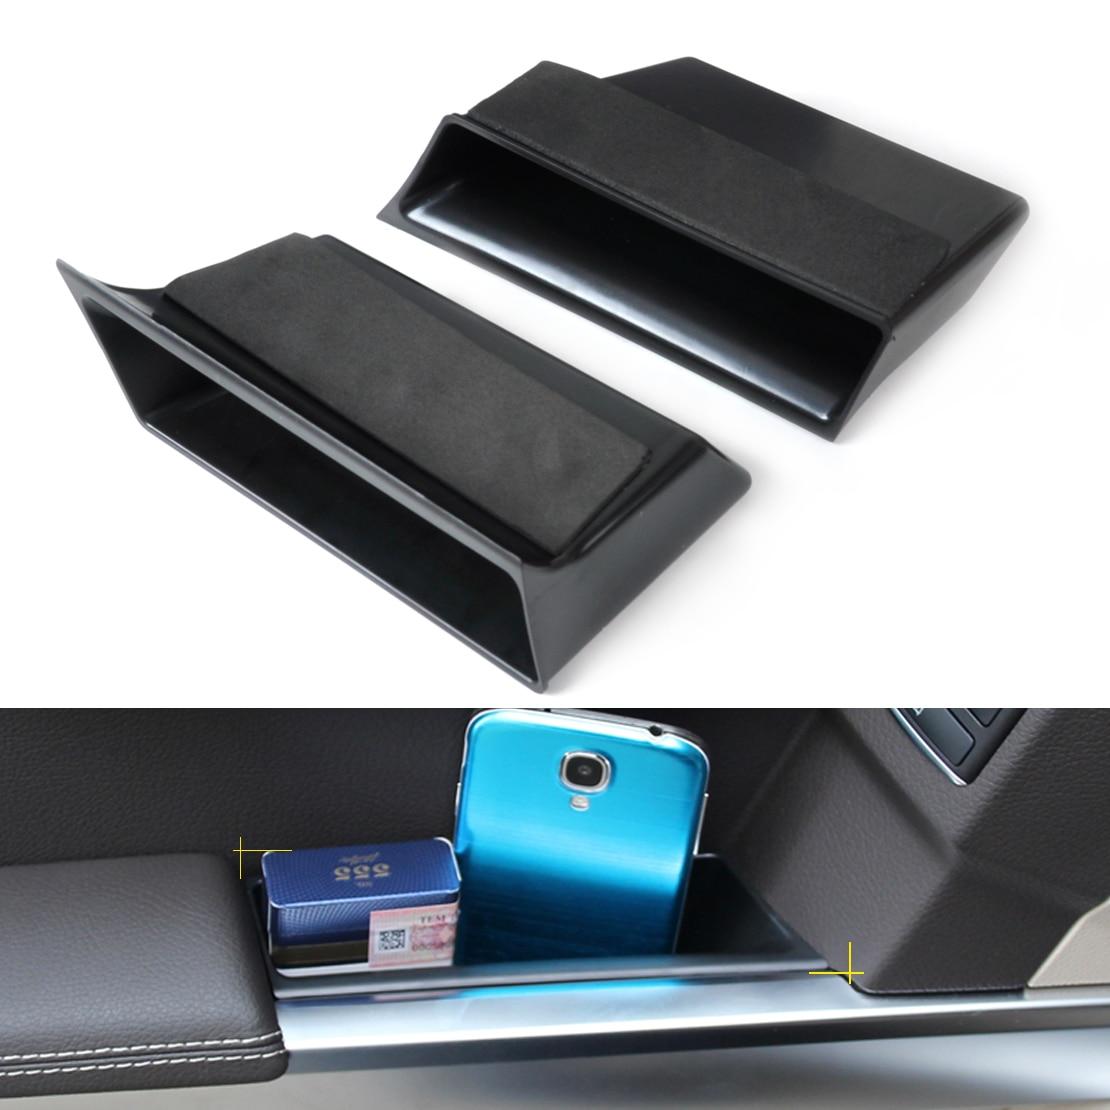 CITALL Nova caixa de Armazenamento Caixa de apoio de Braço Da Porta Dianteira Para Mercedes-Benz GLK Classe X204 GLK300 GLK350 GLK250 2009 2010 2011 2012 2013 2014